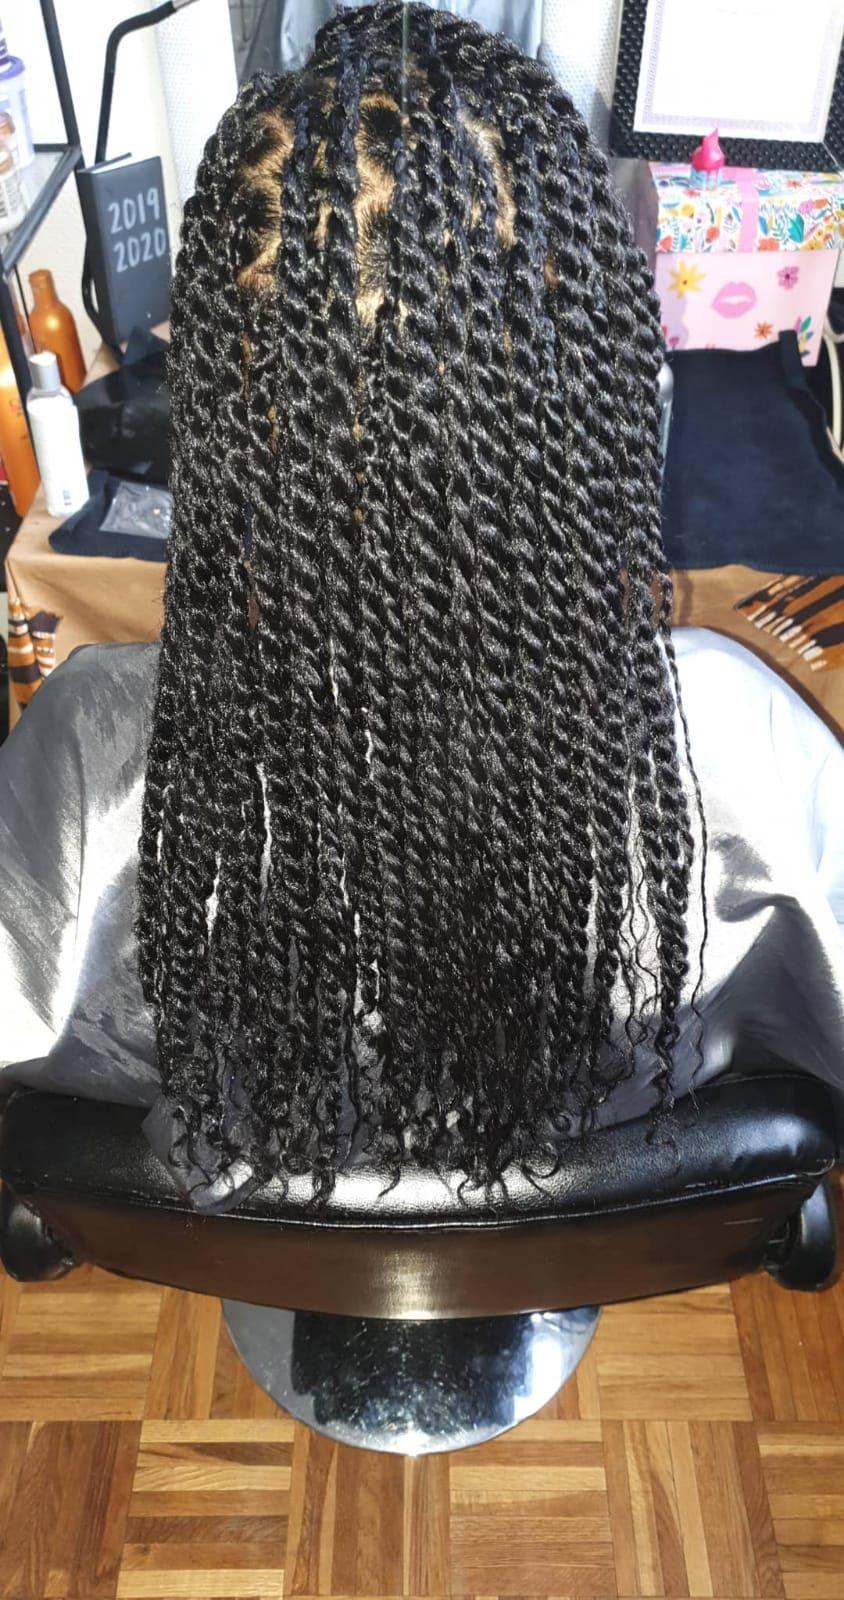 salon de coiffure afro tresse tresses box braids crochet braids vanilles tissages paris 75 77 78 91 92 93 94 95 OVBVFUCV